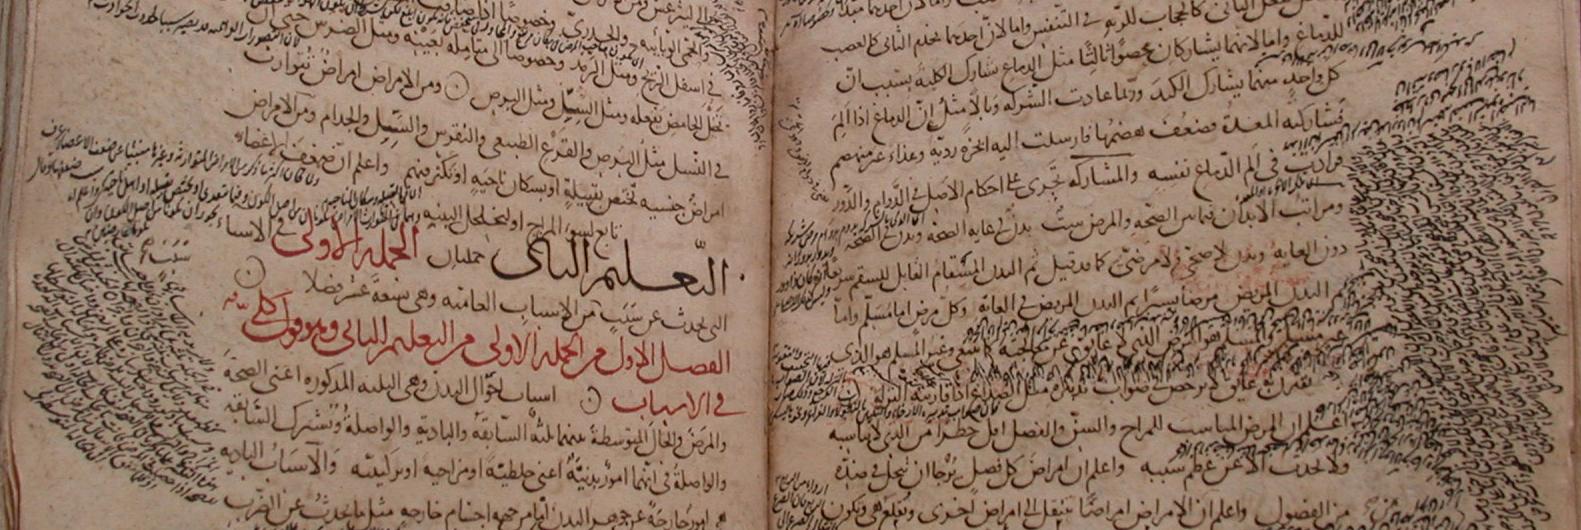 دانلودرایگان کتاب مجربات ابن سینا File:Qanun Avicenna NLM.jpg - Wikimedia Commons